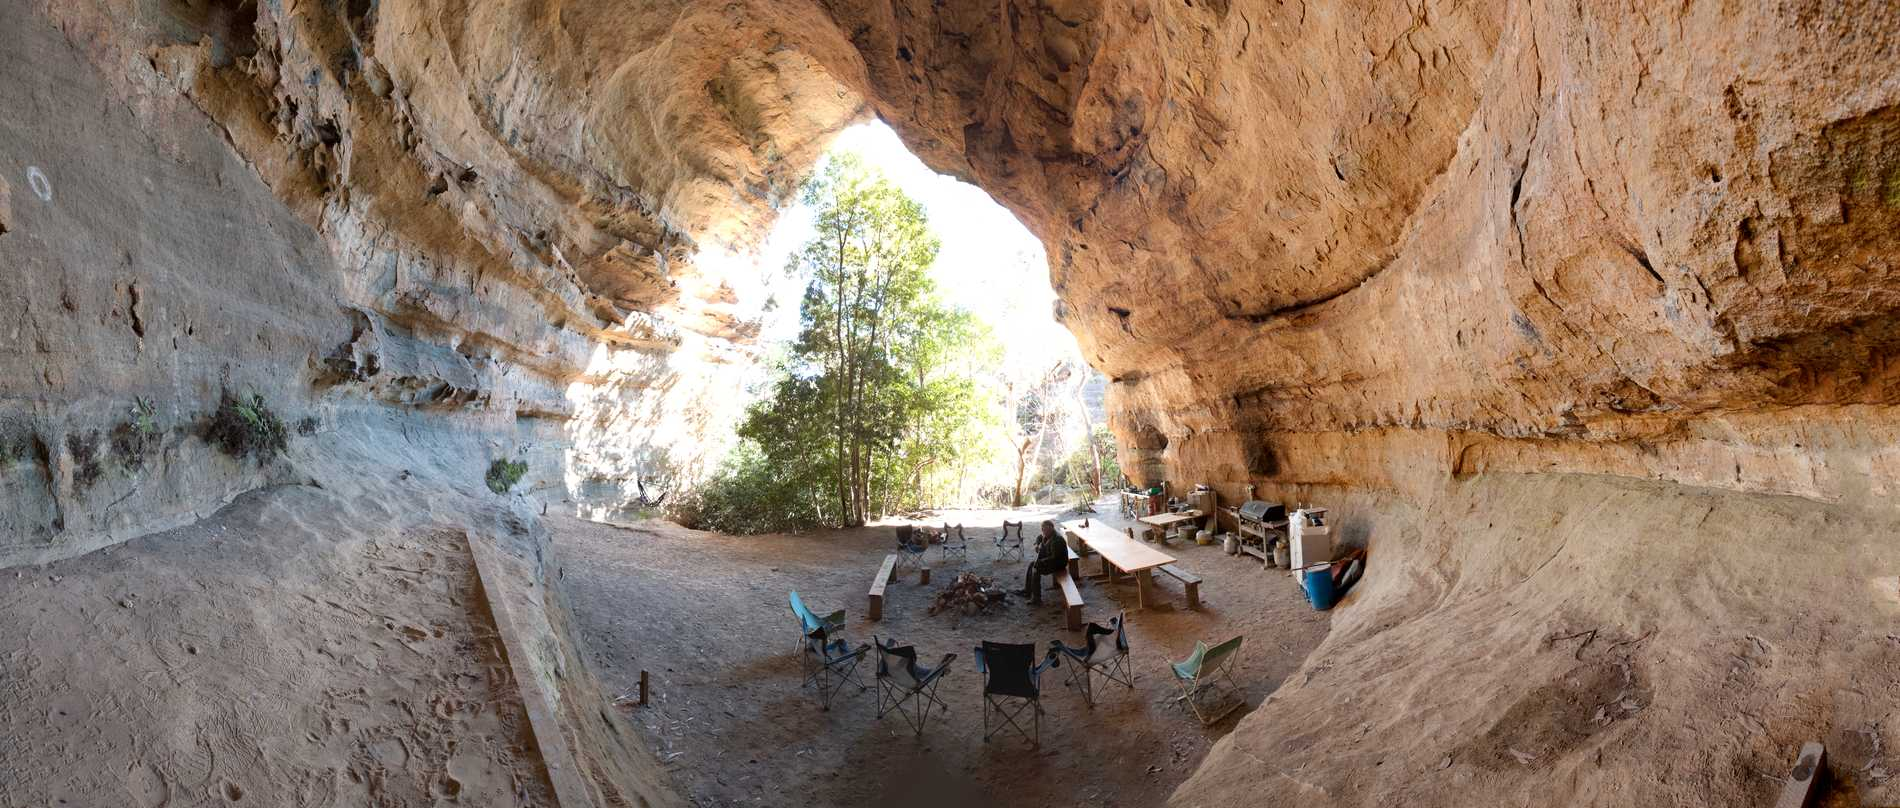 Grotta i Australien.